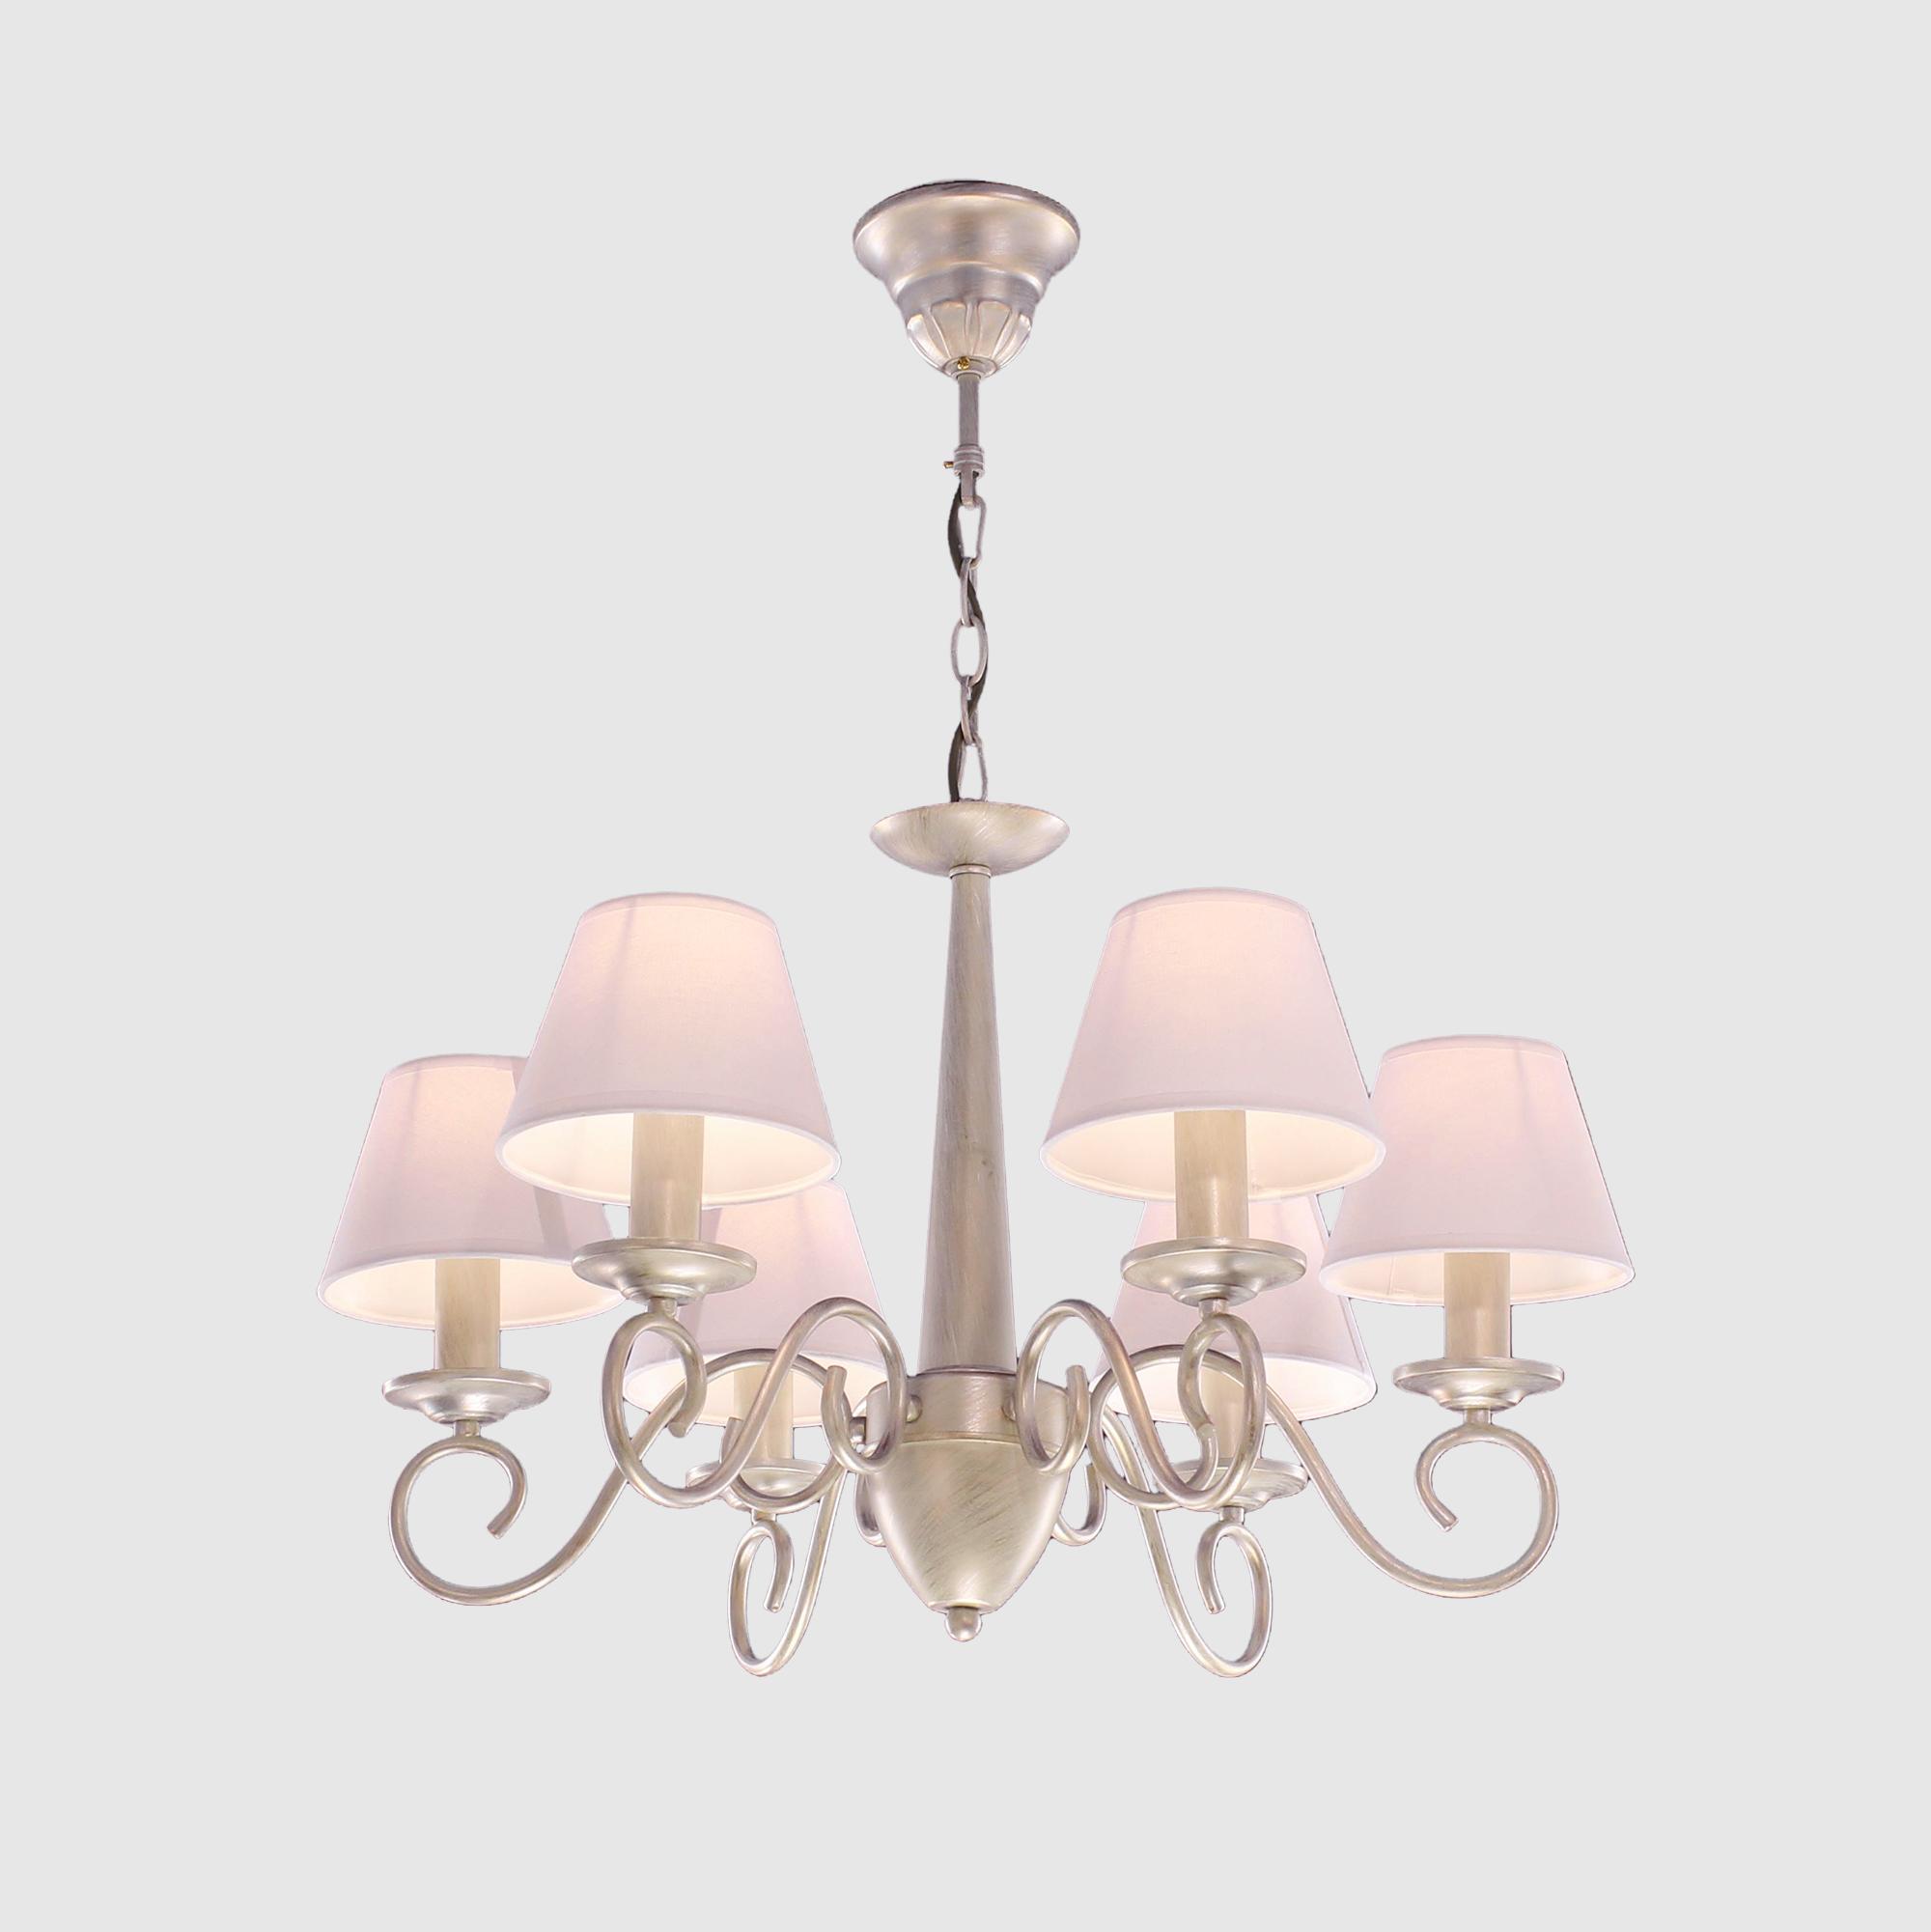 Люстра CitiluxЛюстры<br>Назначение светильника: для комнаты,<br>Стиль светильника: модерн,<br>Тип: подвесная,<br>Материал плафона: ткань,<br>Материал арматуры: металл,<br>Диаметр: 640,<br>Высота: 420,<br>Количество ламп: 6,<br>Тип лампы: накаливания,<br>Мощность: 60,<br>Патрон: Е14,<br>Коллекция: Ланселот<br>